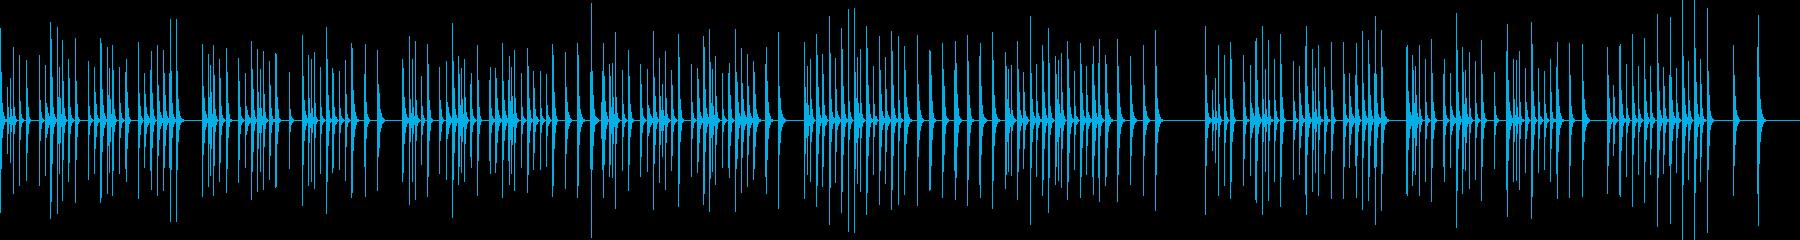 シロフォン(木琴)ソロのとぼけた感じの再生済みの波形